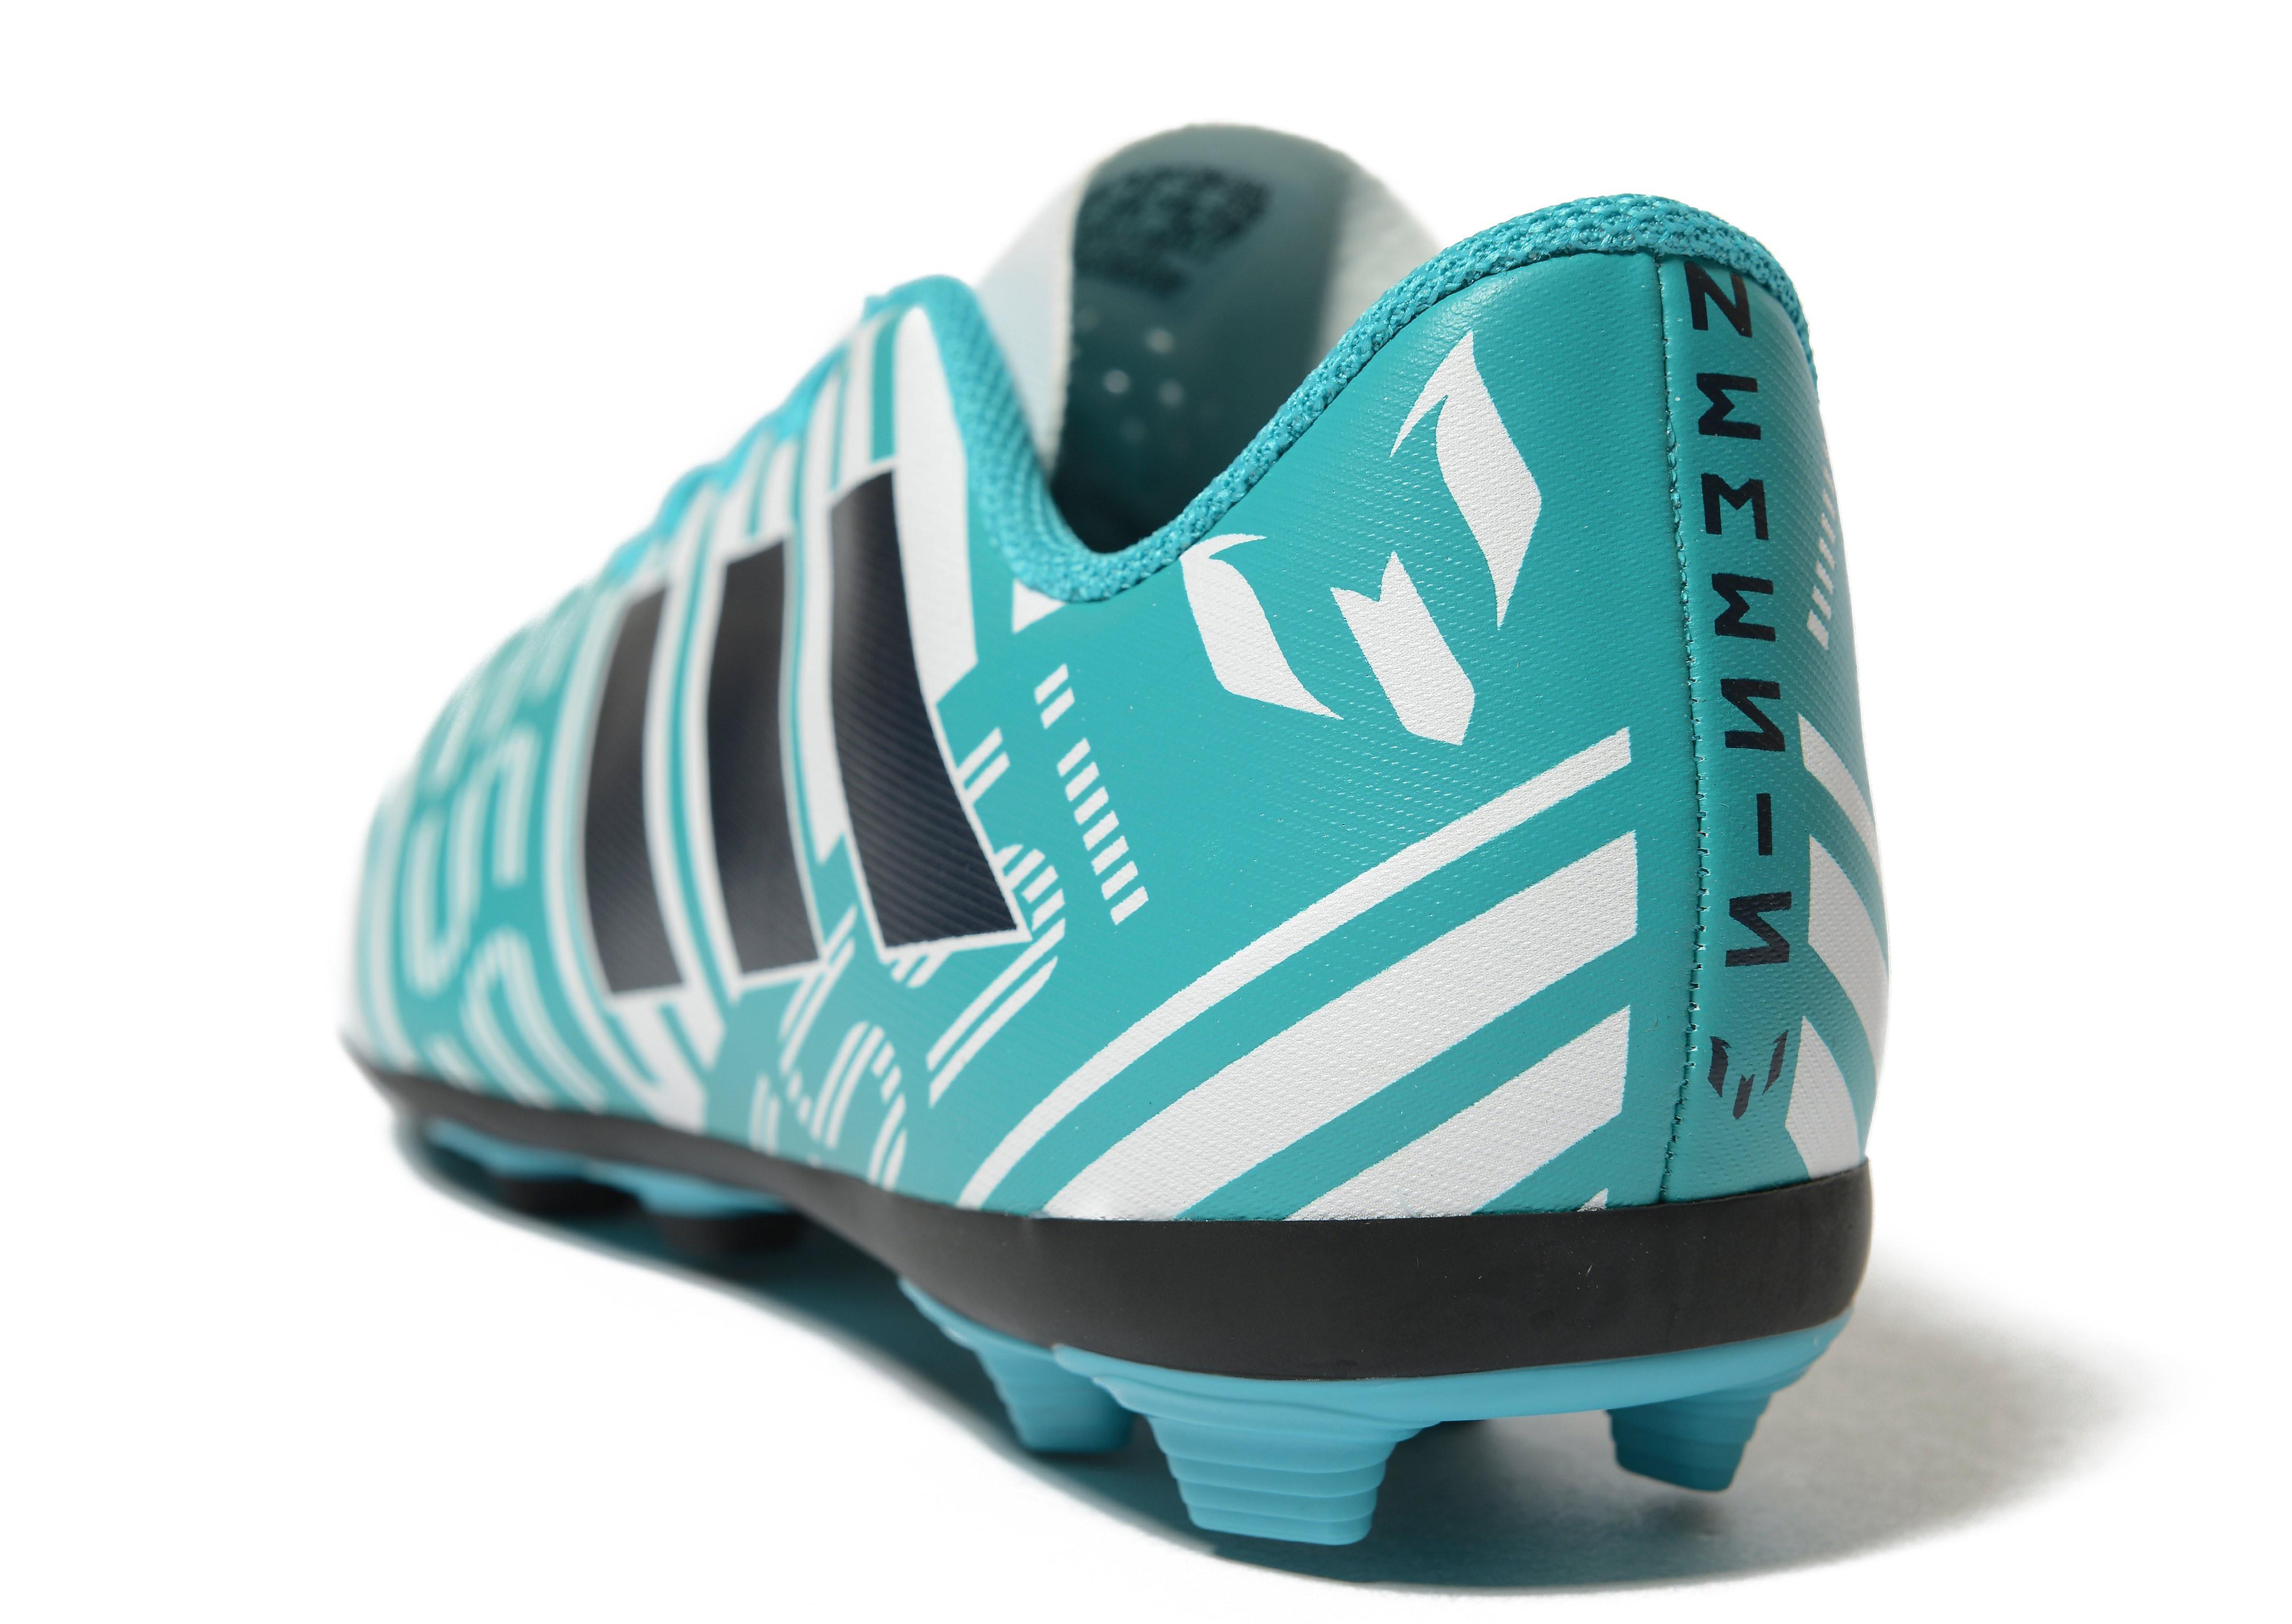 adidas Ocean Storm Nemeziz 17.4 FG Messi Enfant